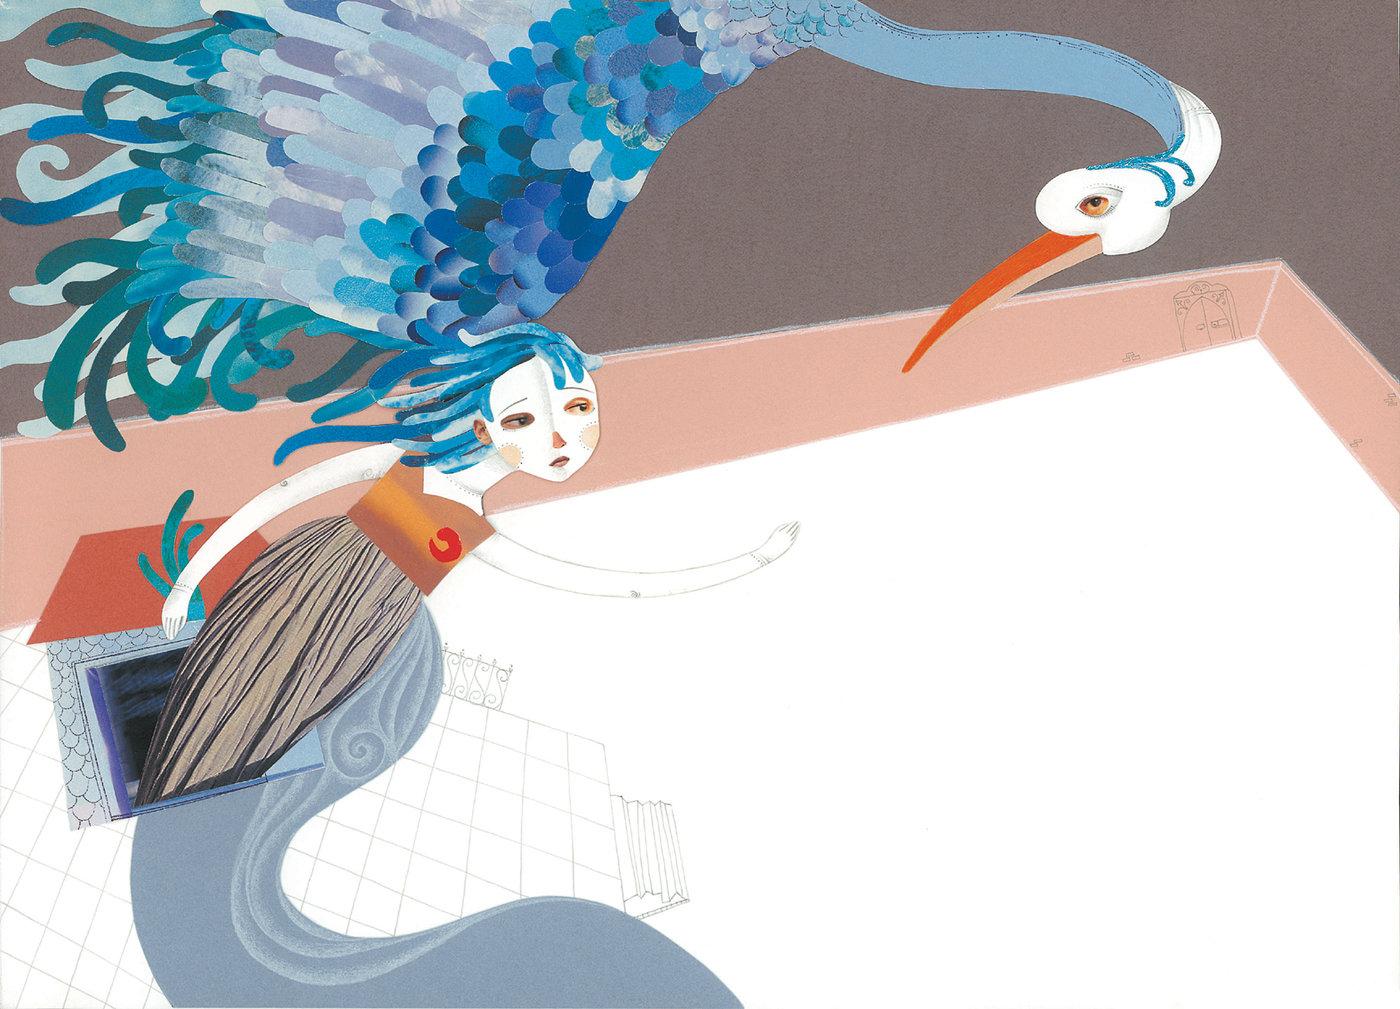 معرفی و آثار نگین احتسابیان، میکس مدیا تکنیک دلخواه من لینک : https://asarartmagazine.ir/?p=21431 👇 سایت : AsarArtMagazine.ir اینستاگرام : instagram.com/AsarArtMagazine تلگرام : t.me/AsarArtMagazine 👆